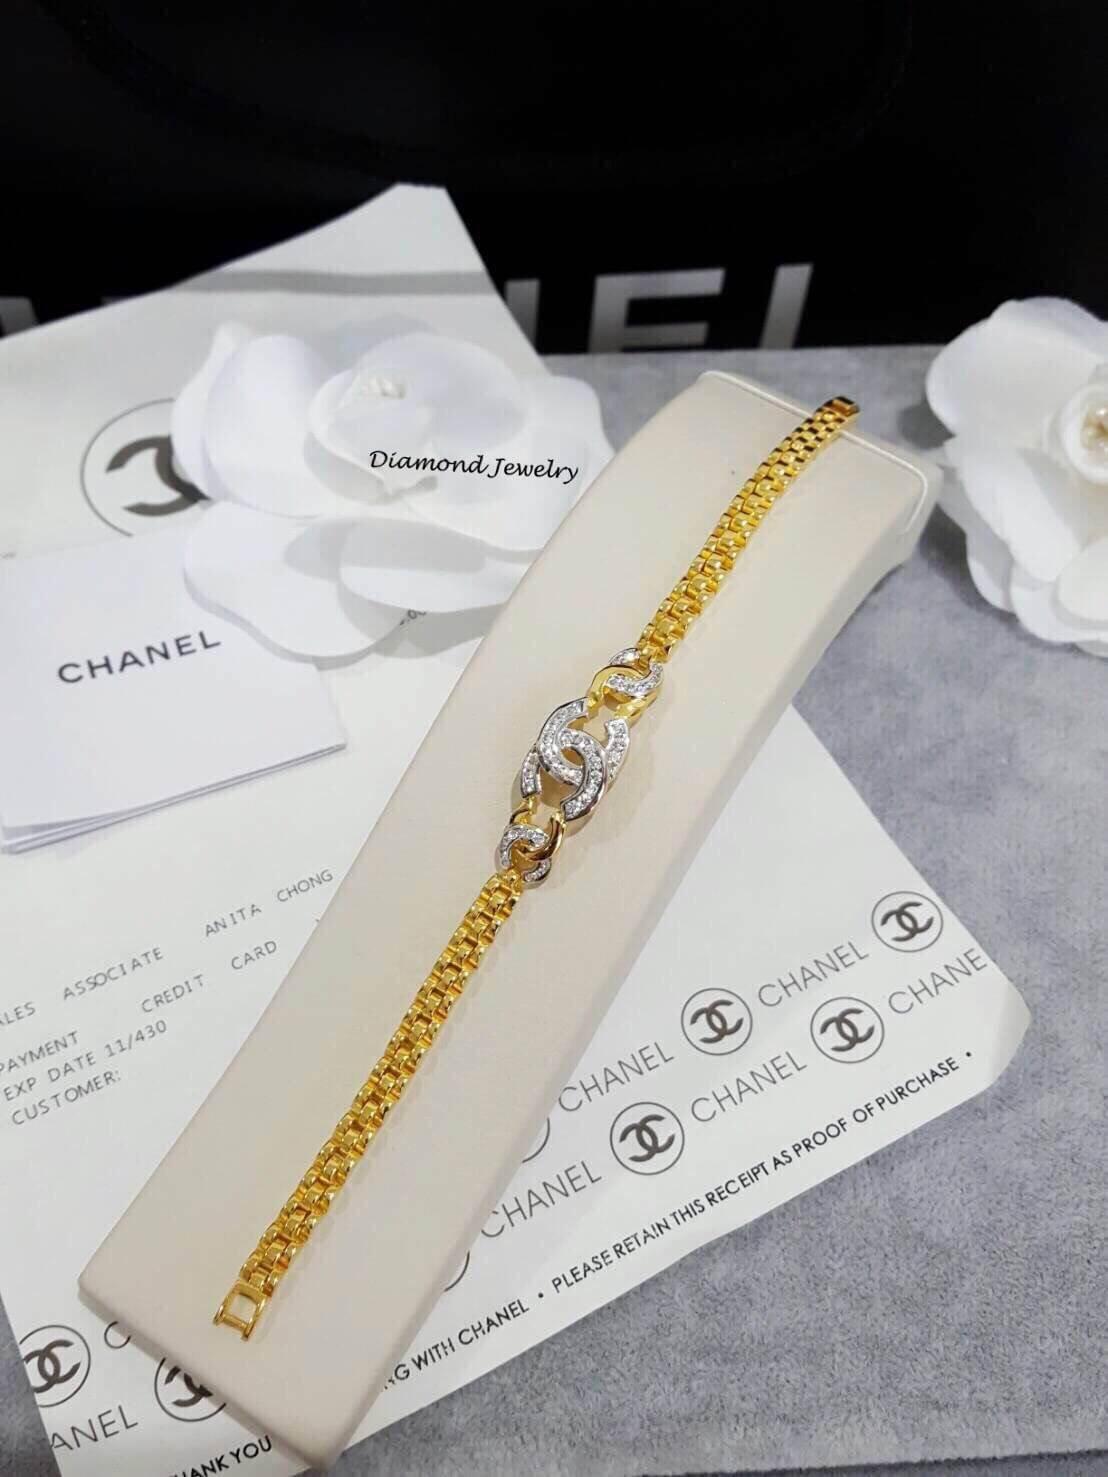 พร้อมส่งสร้อยข้อมือ Chanel งานทอง 5 ไมครอน